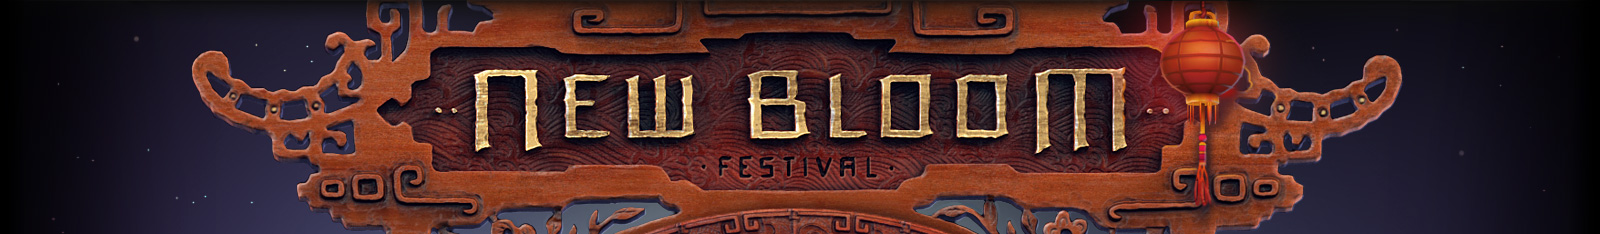 Banner New Bloom Festival 2014.jpg